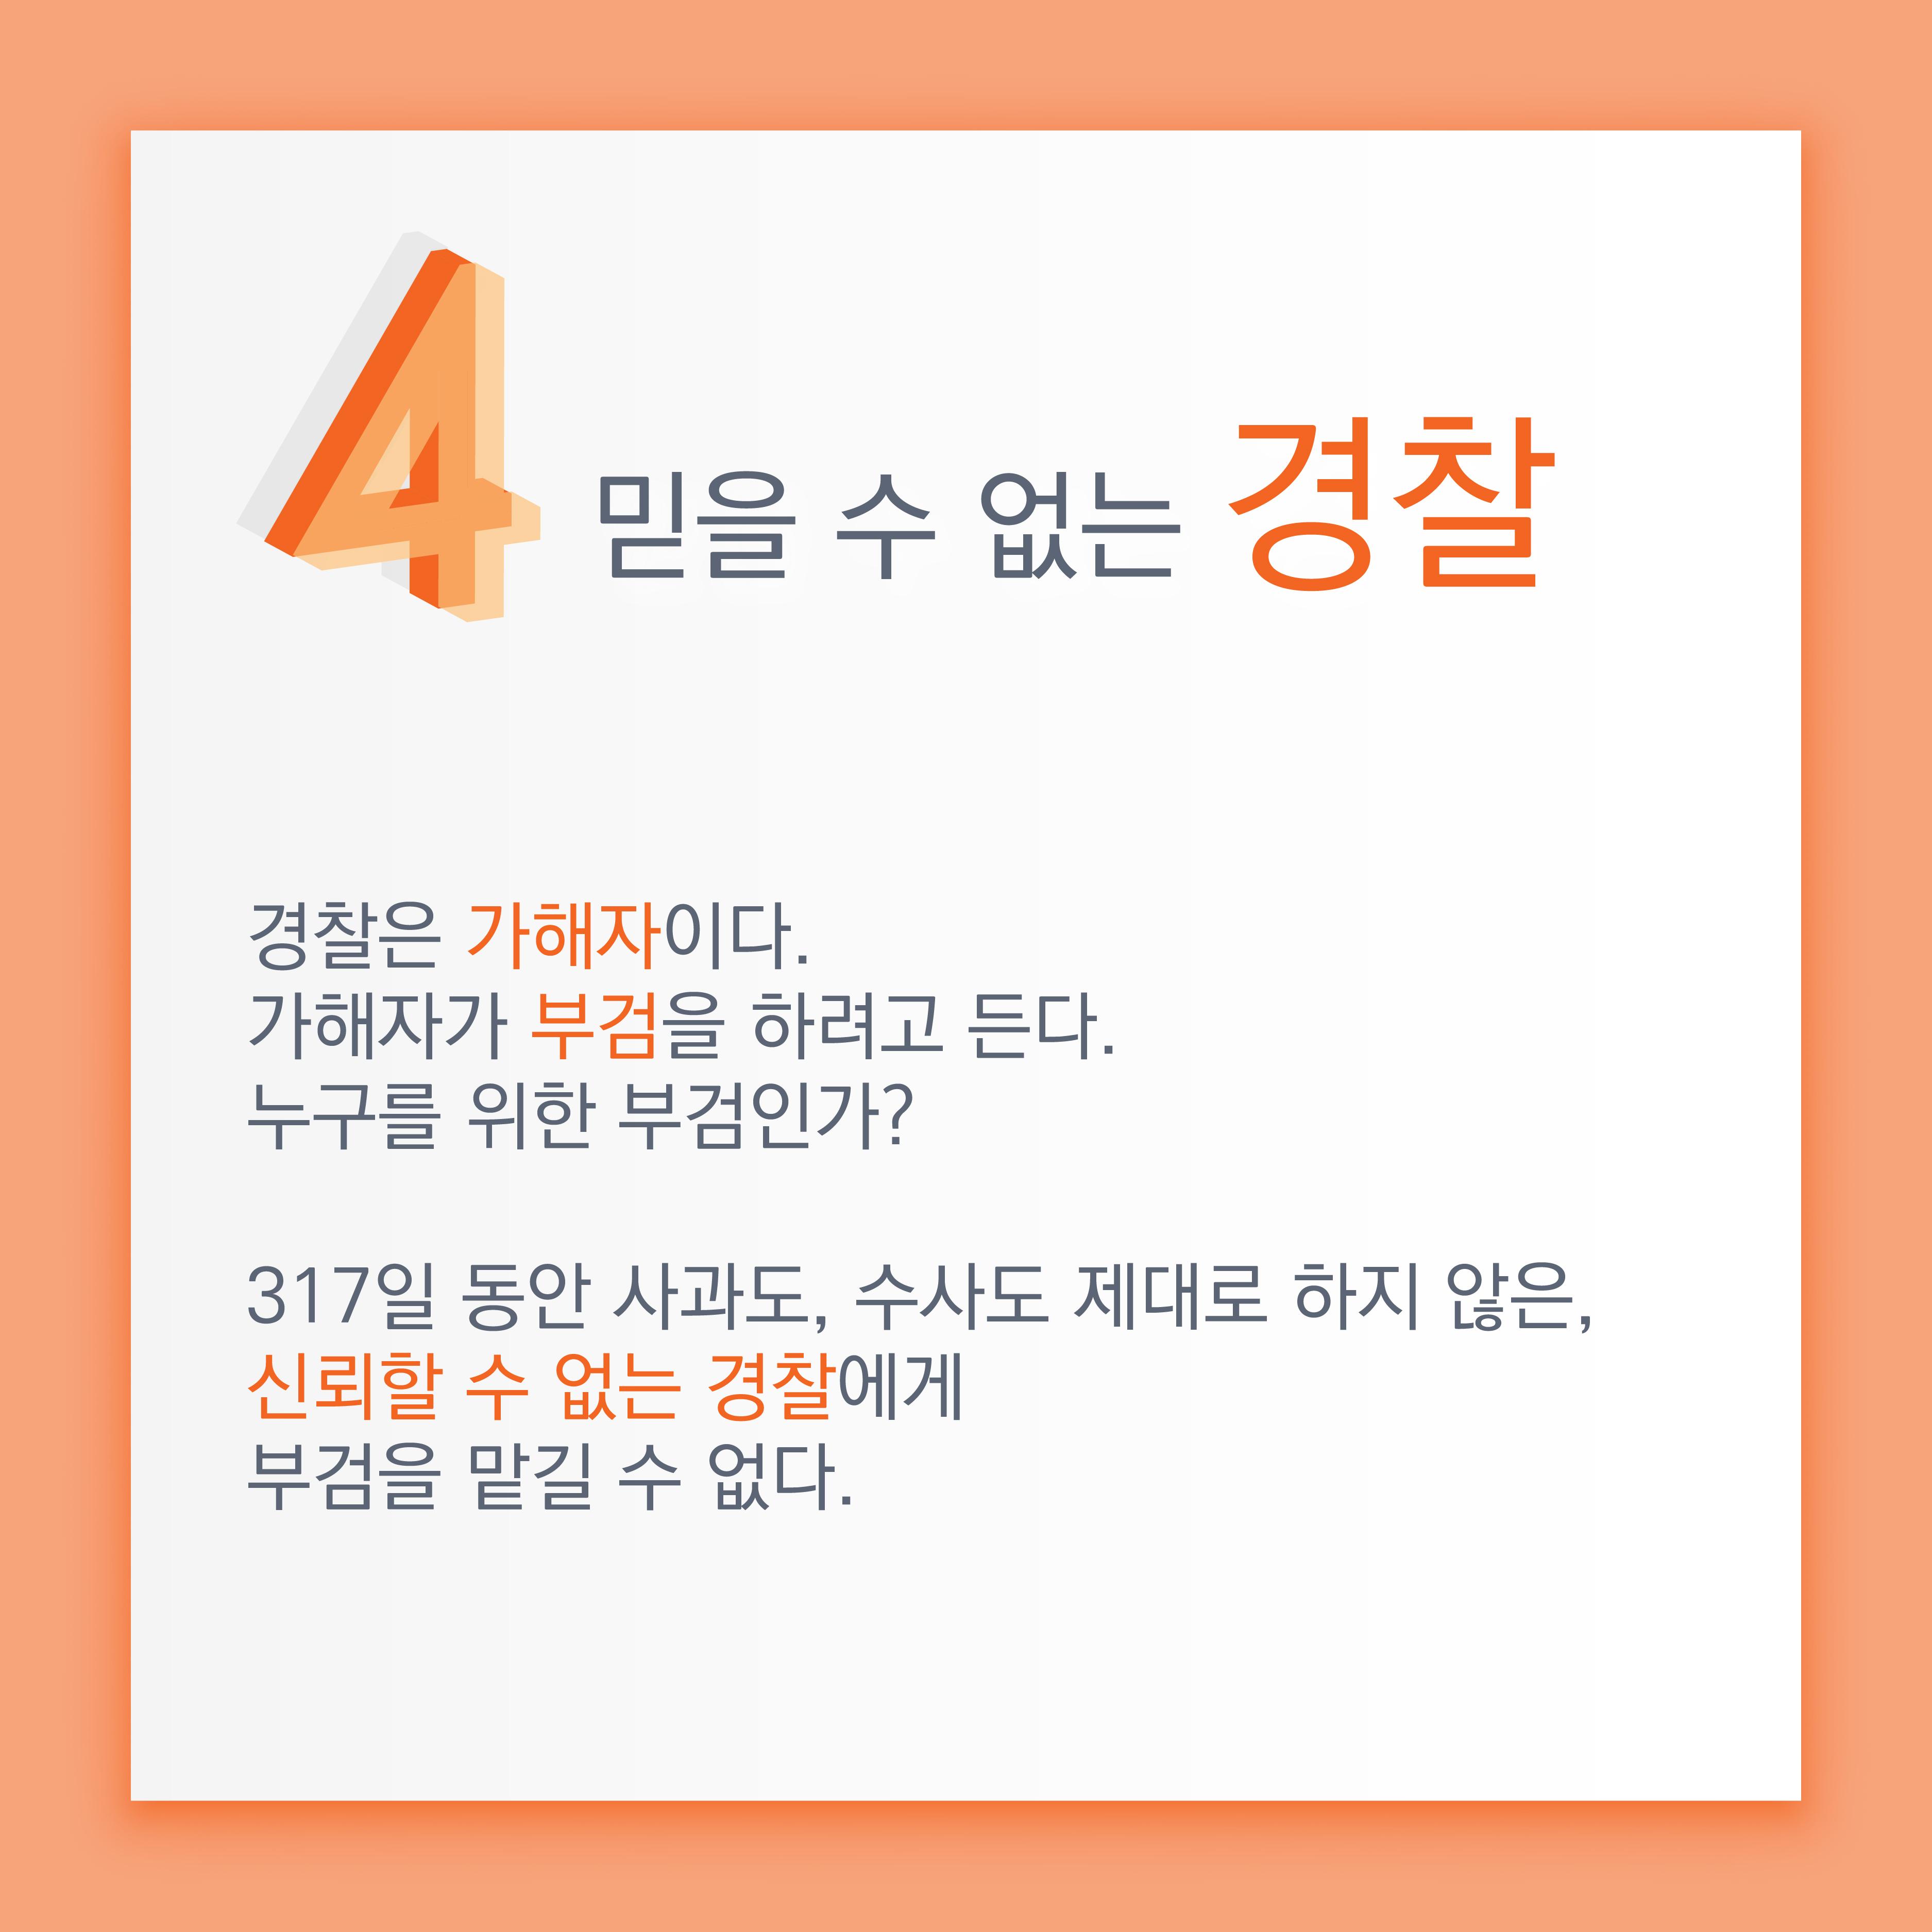 백남기 카드뉴스-14